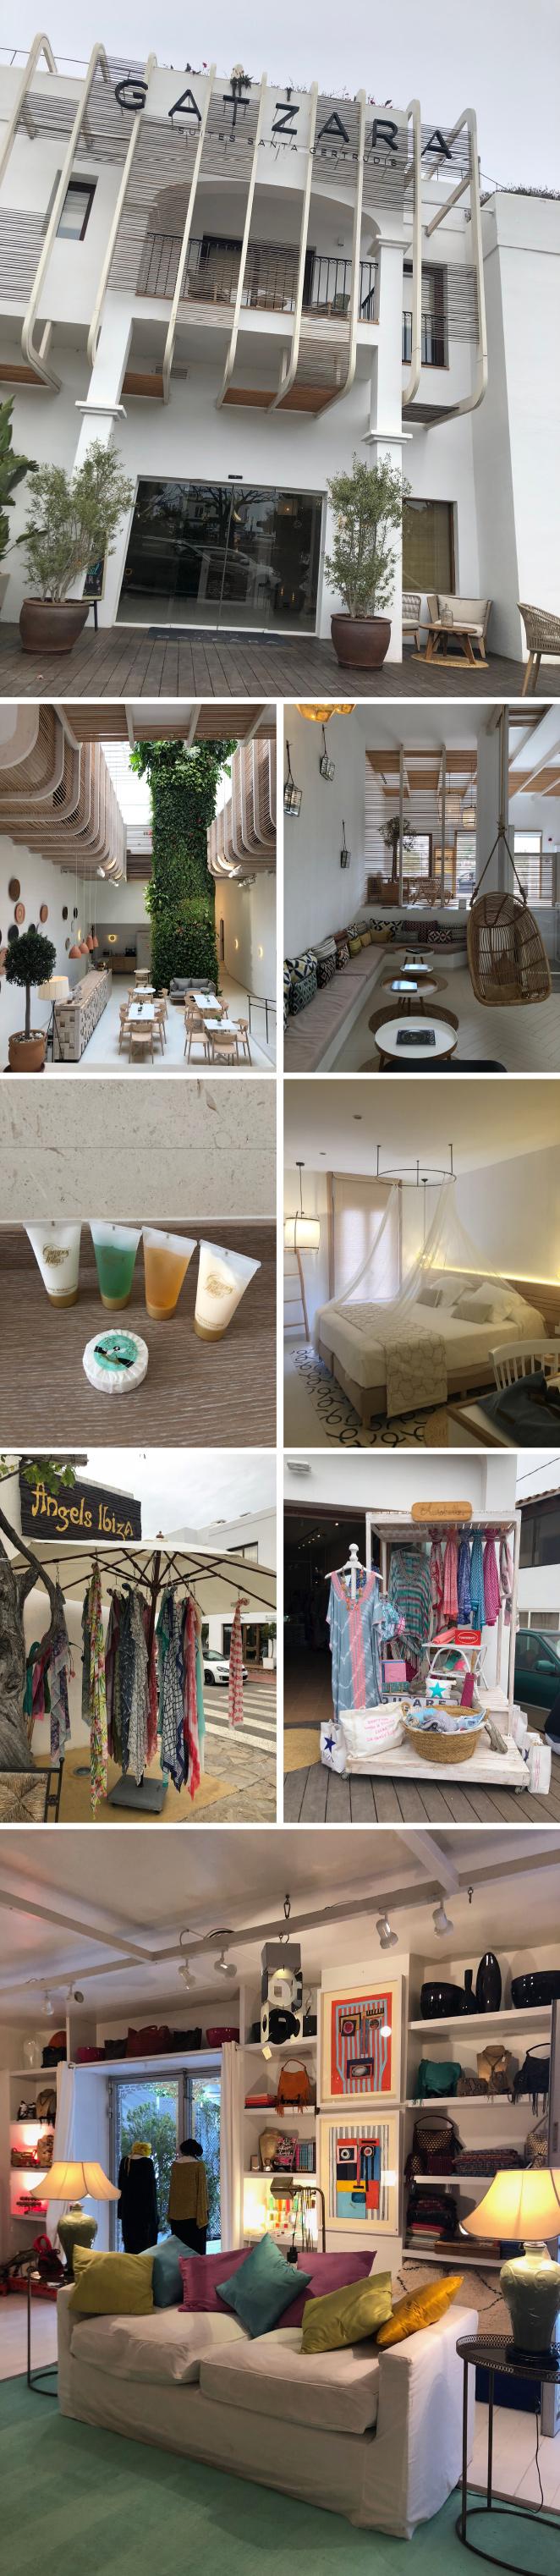 Gatzara Suites Santa Gertrudis, un moderno hotel boutique situado en el corazón de Santa Gertrudis, uno de los pueblos con más encanto del municipio de Santa Eulalia